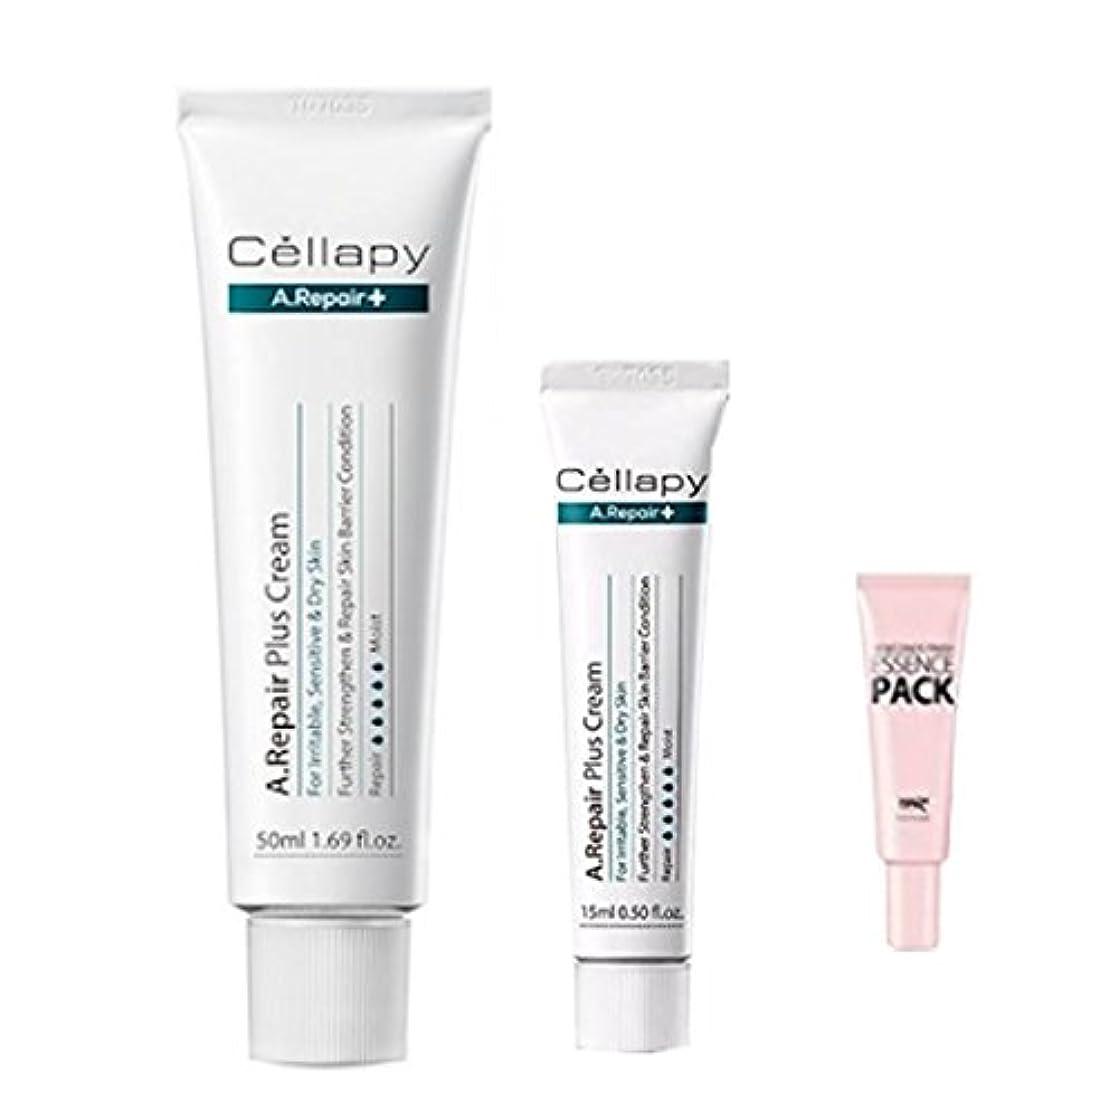 宿泊住居減らすセラピ エイリペアプラスクリーム50ml+15ml [並行輸入品]/Cellapy A.Repair Plus Cream for Irritable, Sensitive & Dry Skin 50ml(1.69fl.oz.)+15ml (0.50fl.oz)+ ヘアプラスエッセンスパック 9.3ml